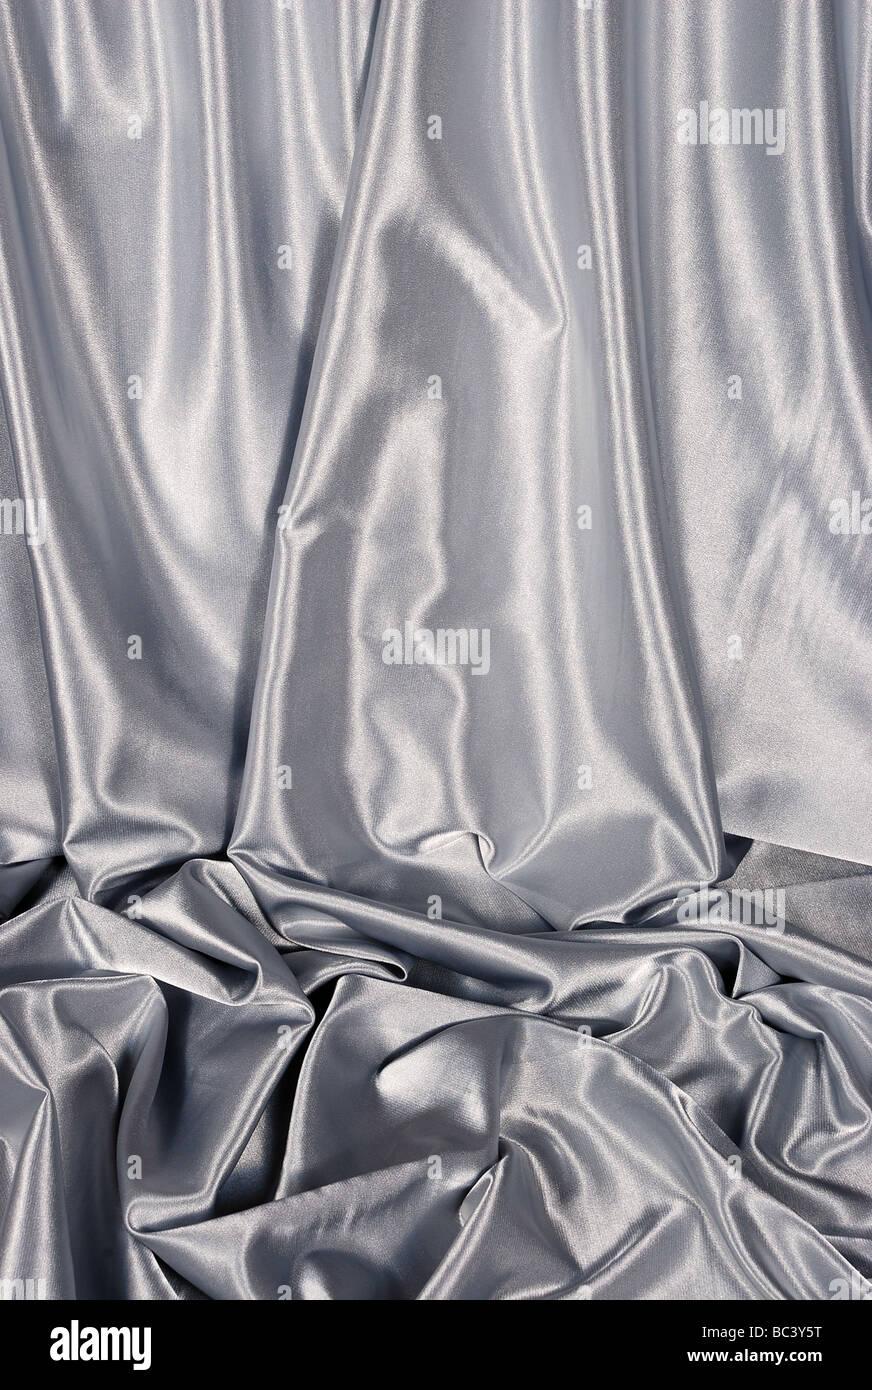 elegant white satin background - Stock Image